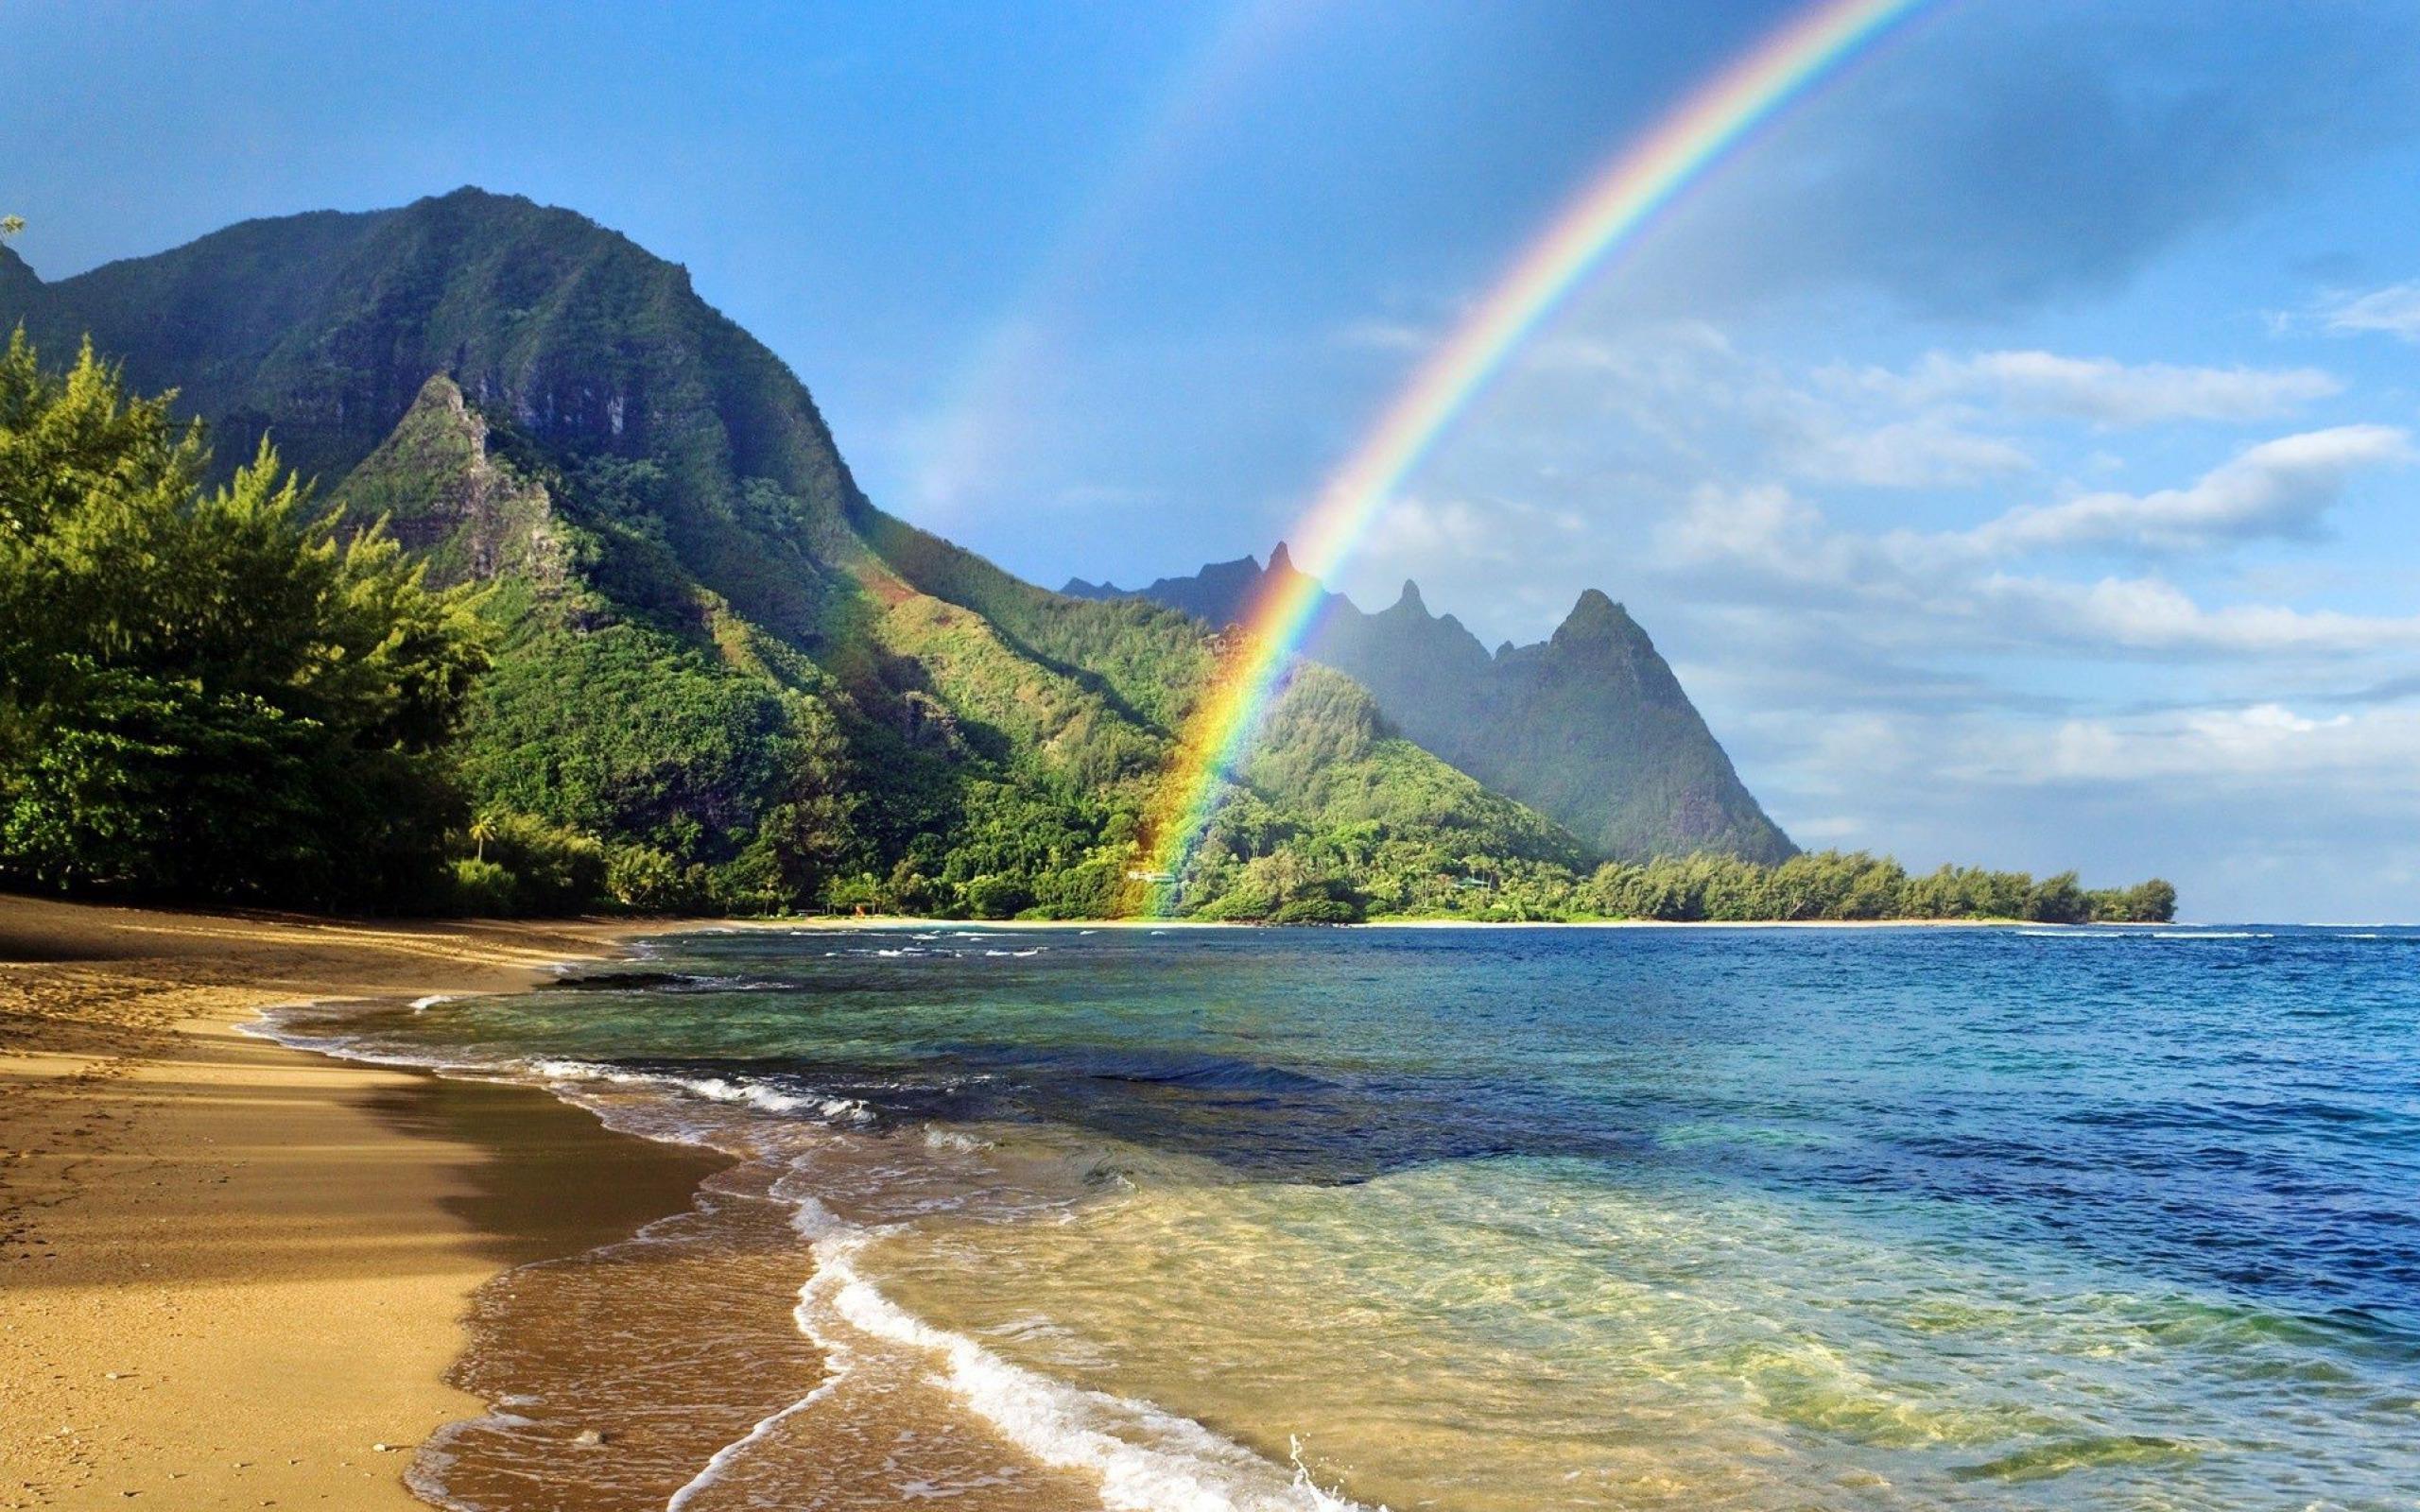 rainbow_over_ocean_wallpaper